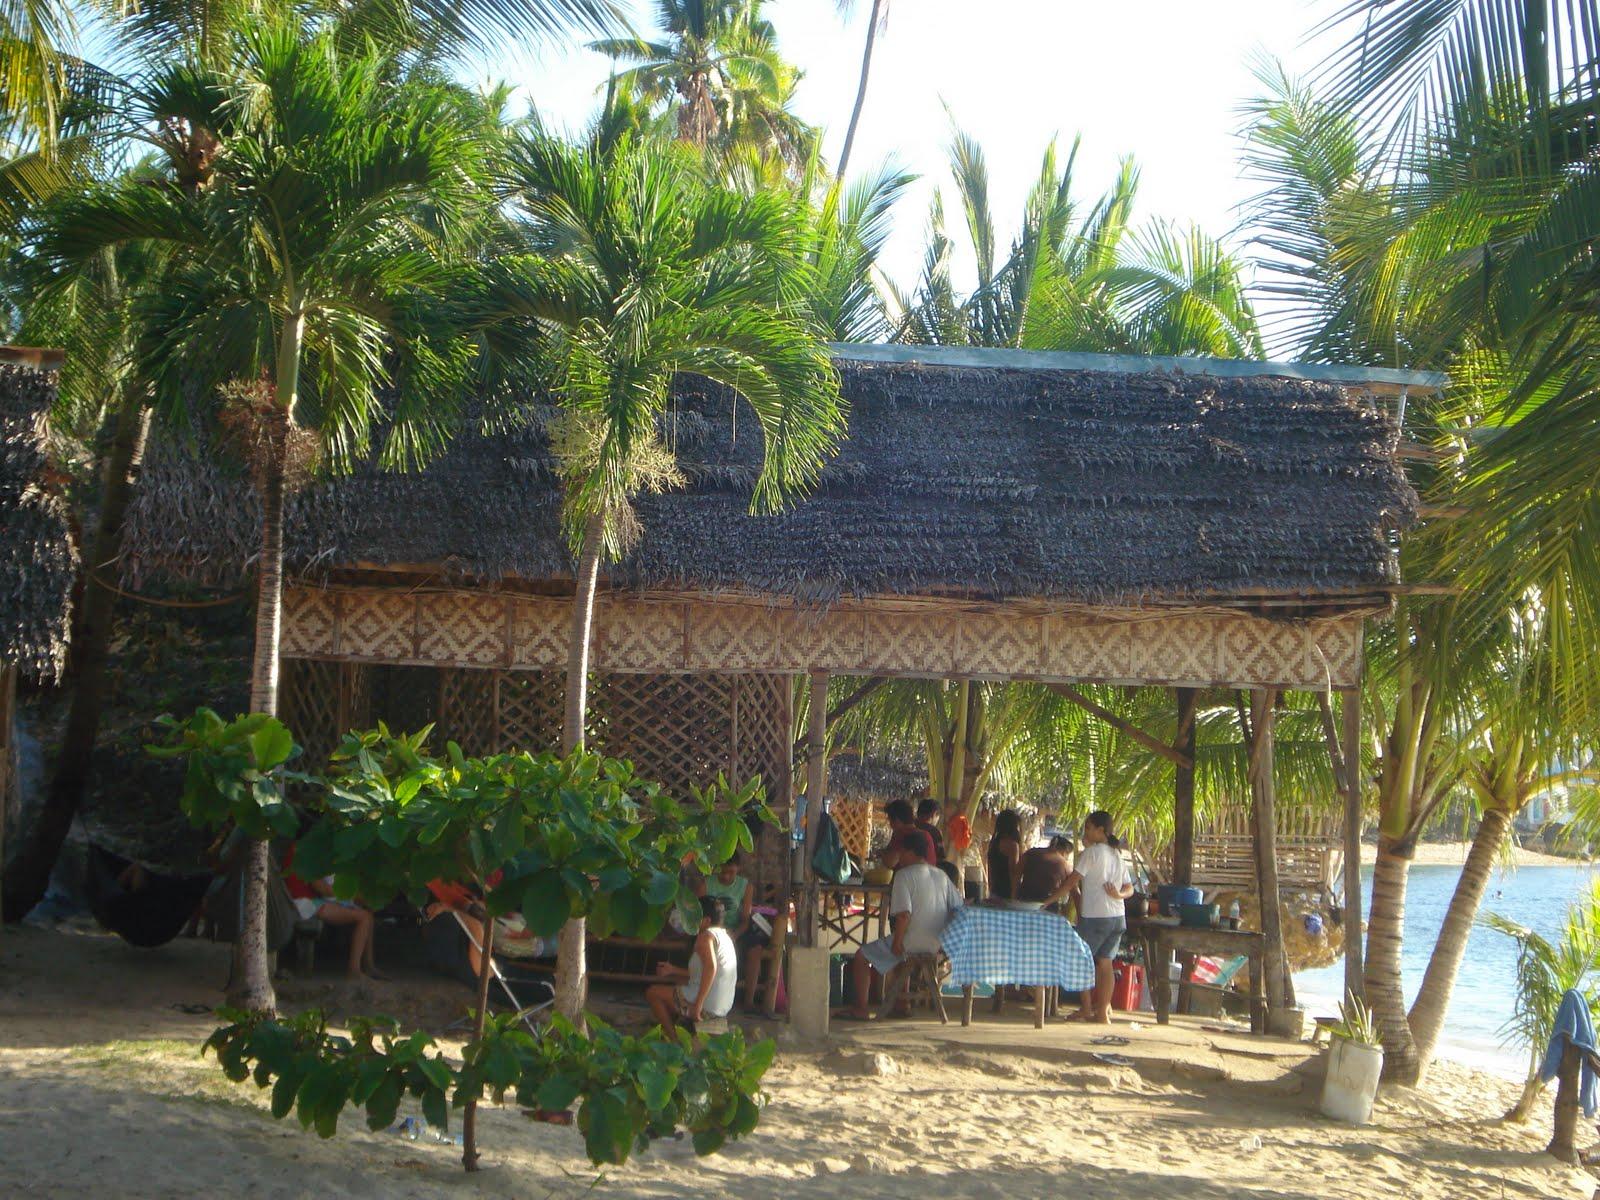 Alcoy (Cebu) Philippines  City pictures : My Weekend Journal: Tingko Beach, Alcoy, Cebu, Philippines